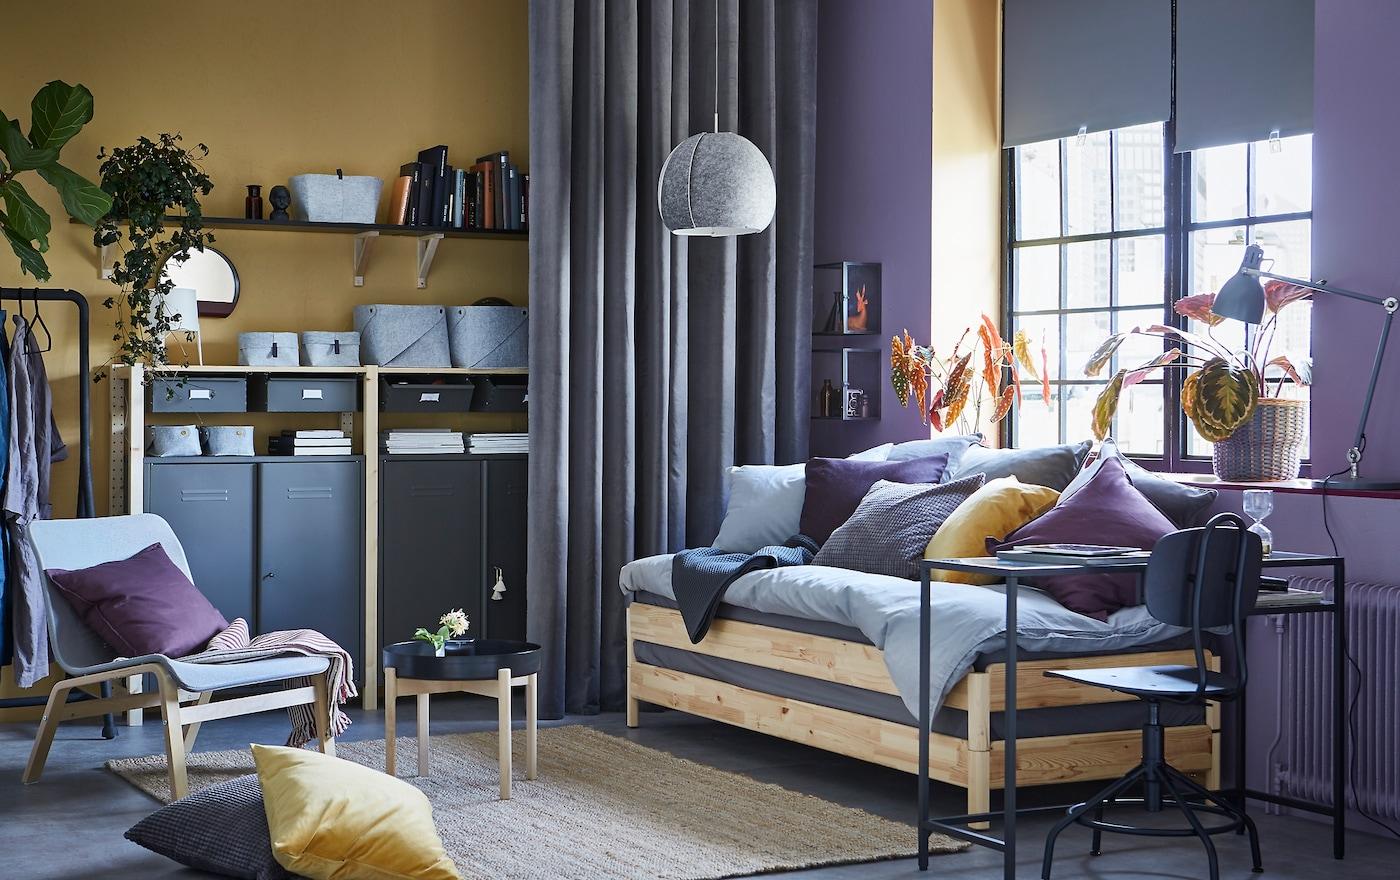 Ein in gelb und lila gehaltenes Studio mit praktischem UTÅKER Tagesbett aus Kiefer und HUSVIKA Federkernmatratzen